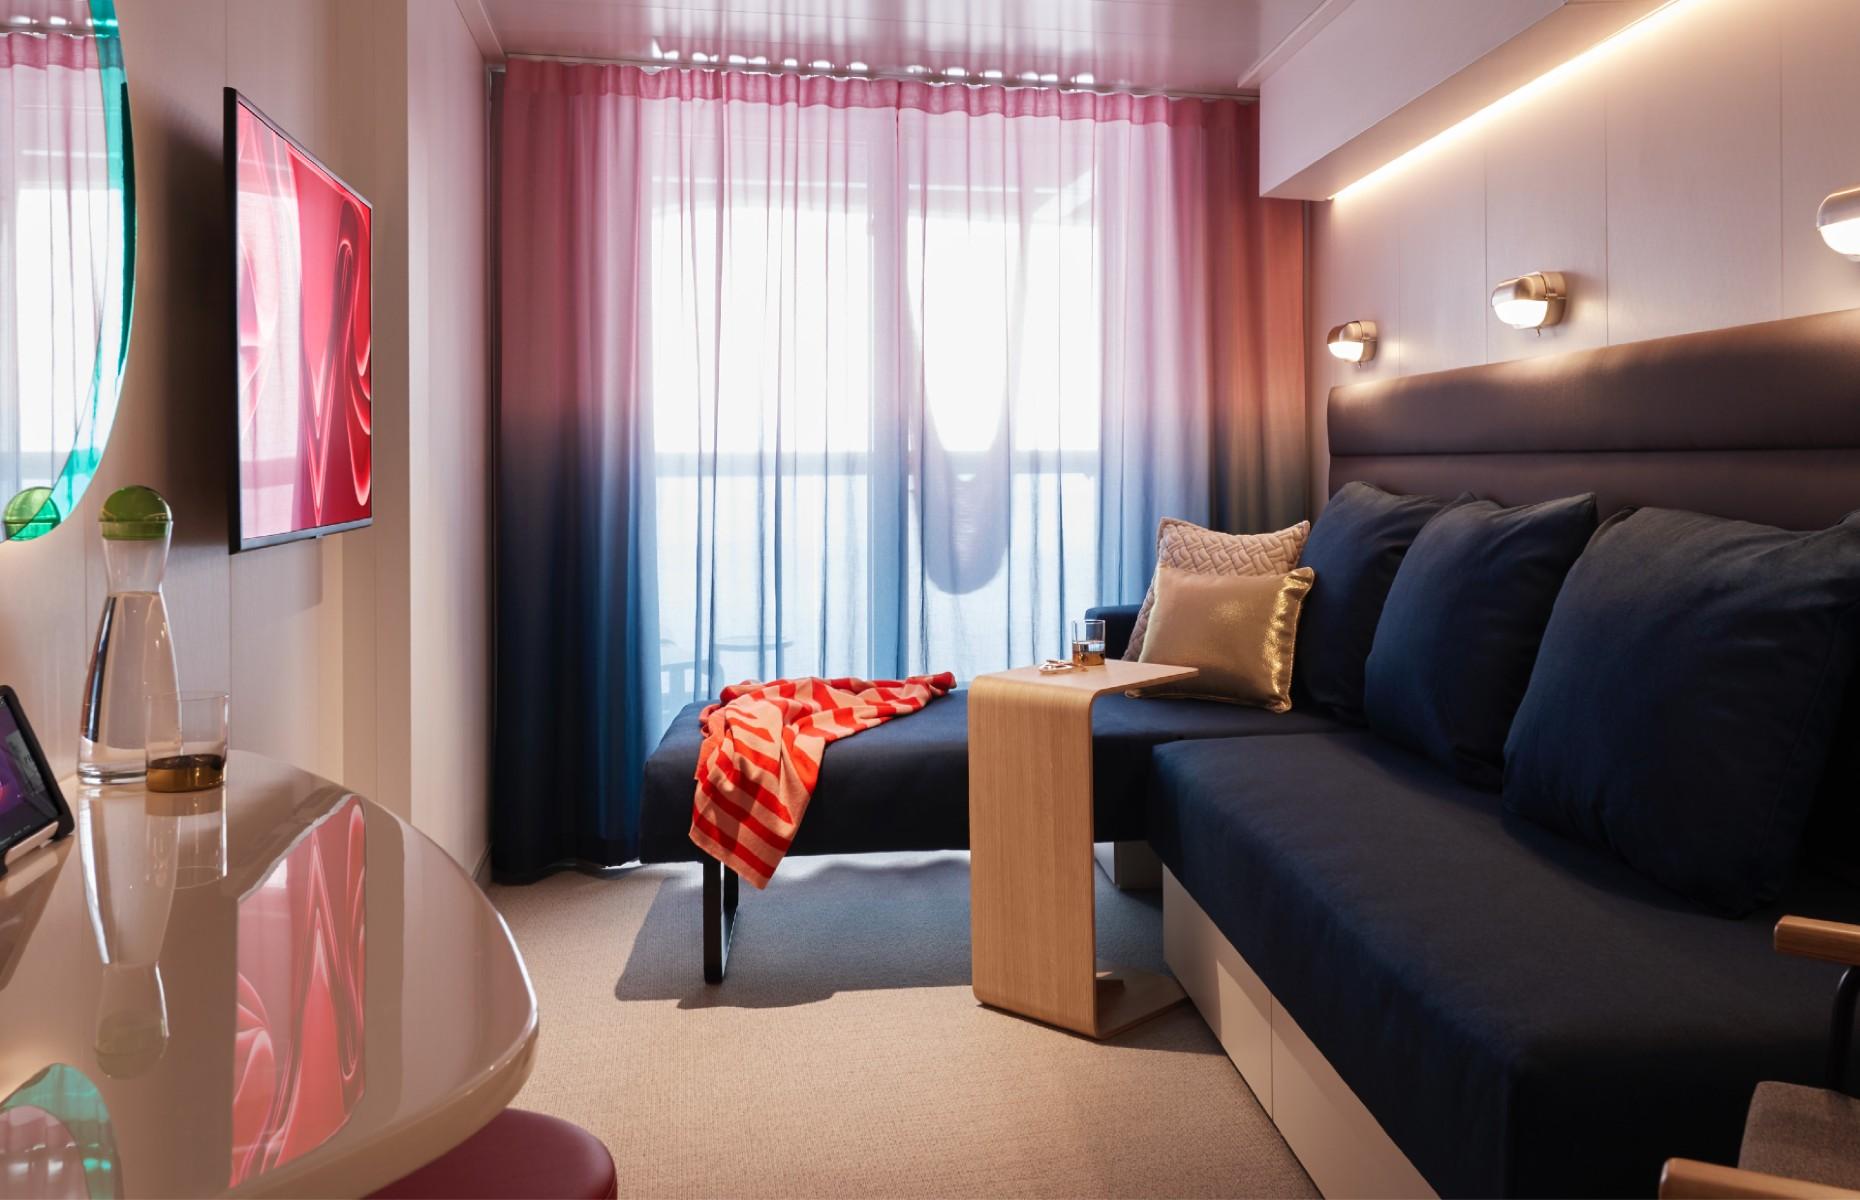 Sea Terrace room (Image: Virgin Voyages)